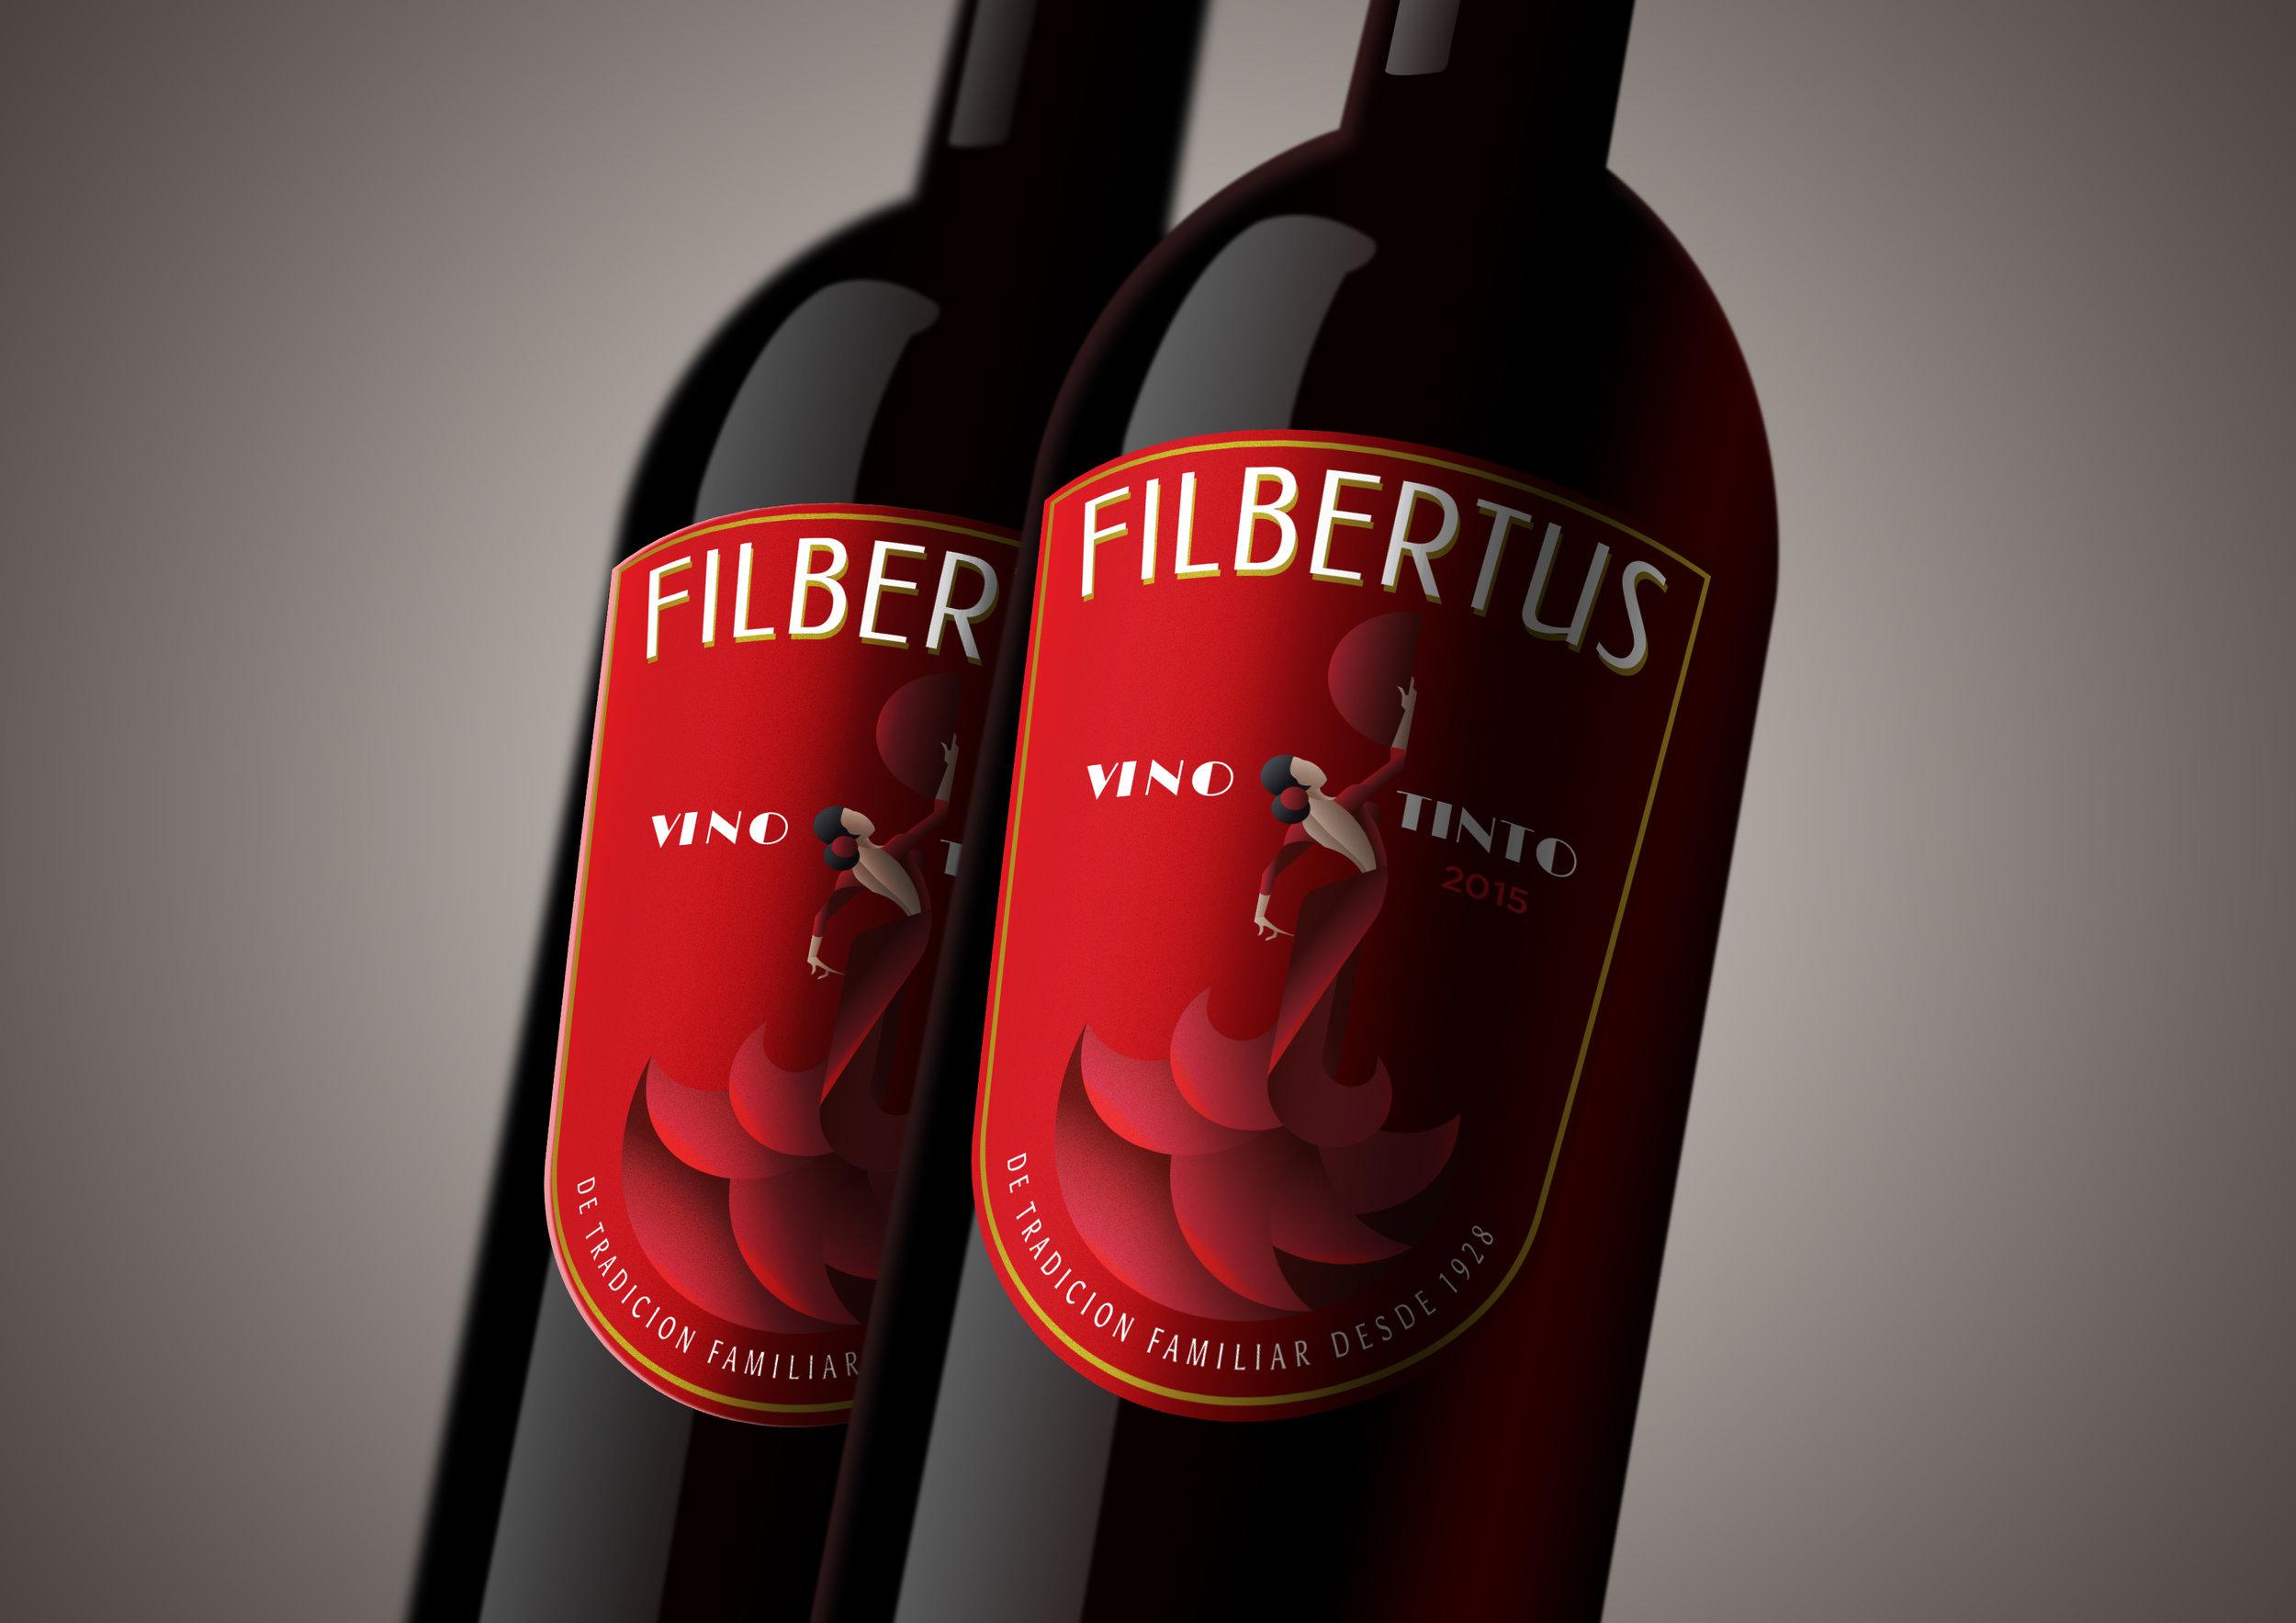 Fibertus 2 bottle shot.jpg